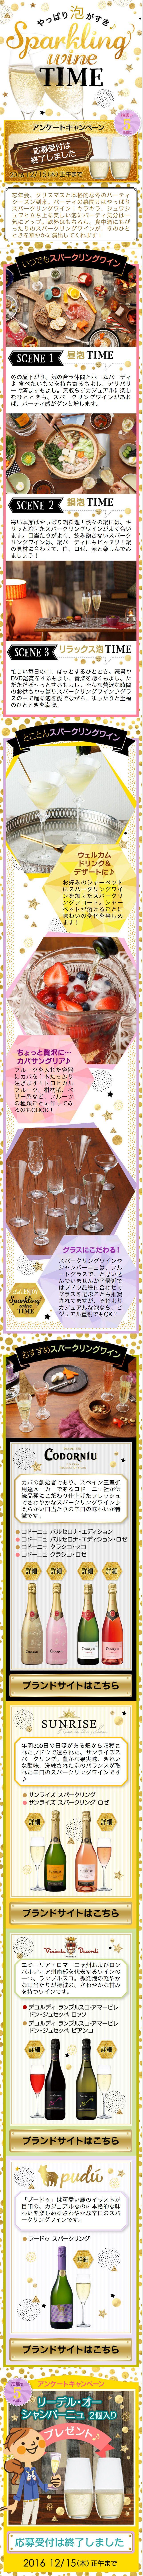 やっぱり泡がすき♪ Sparkling Wine TIME【飲料・お酒関連】のLPデザイン。WEBデザイナーさん必見!スマホランディングページのデザイン参考に(かわいい系)